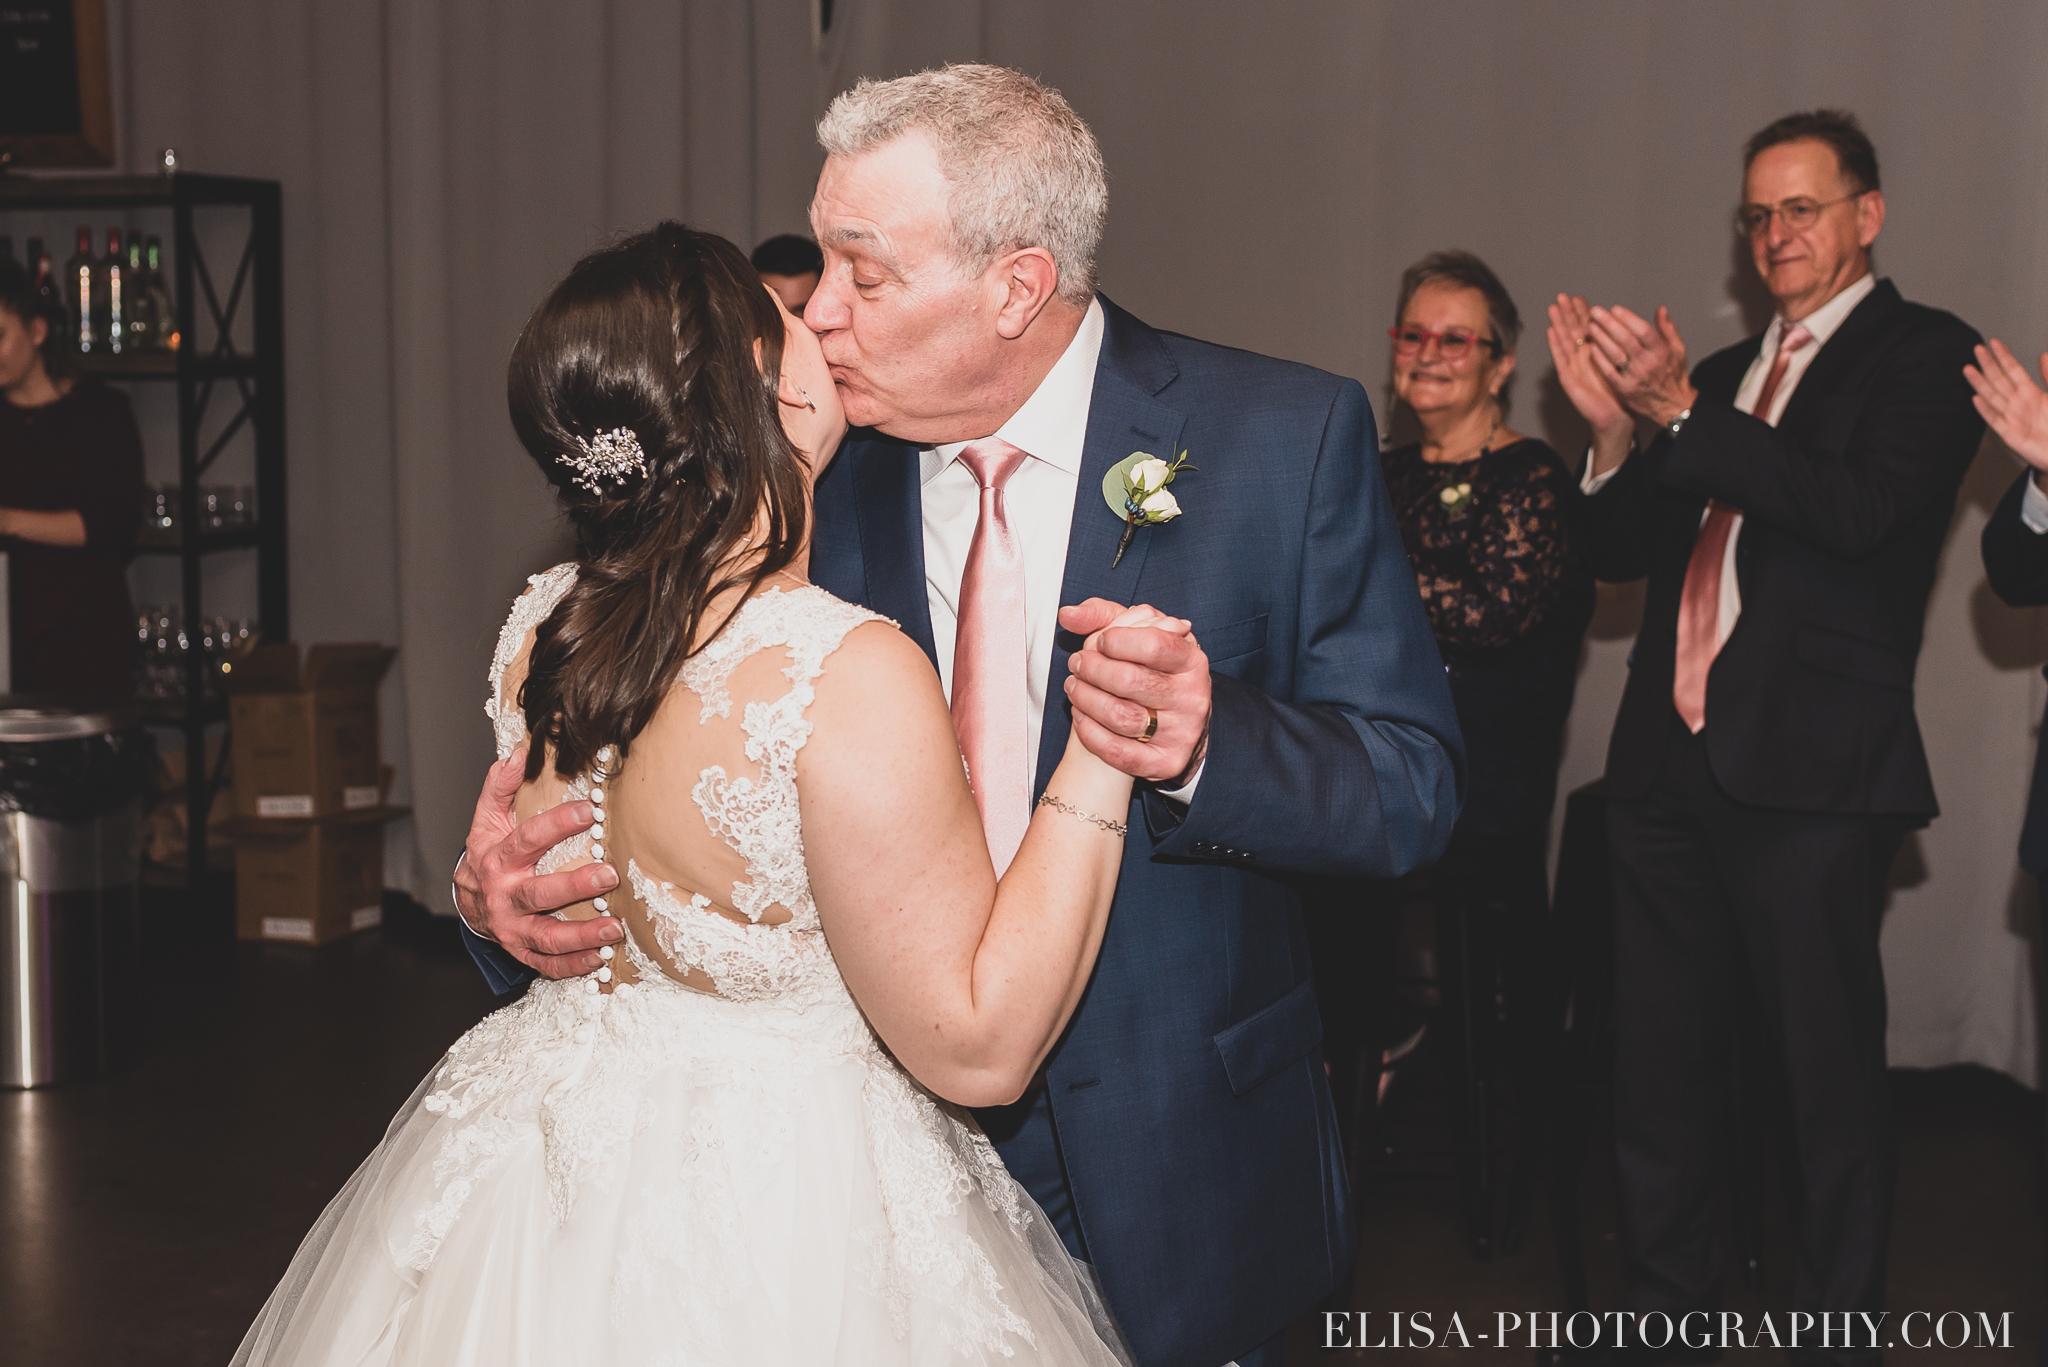 photo mariage hiver salle quai cap blanc port quebec reception danse pere mur lumineux plantes party juif chaises 3790 - Un chaleureux mariage hivernal à la salle du Quai du Cap Blanc, Québec